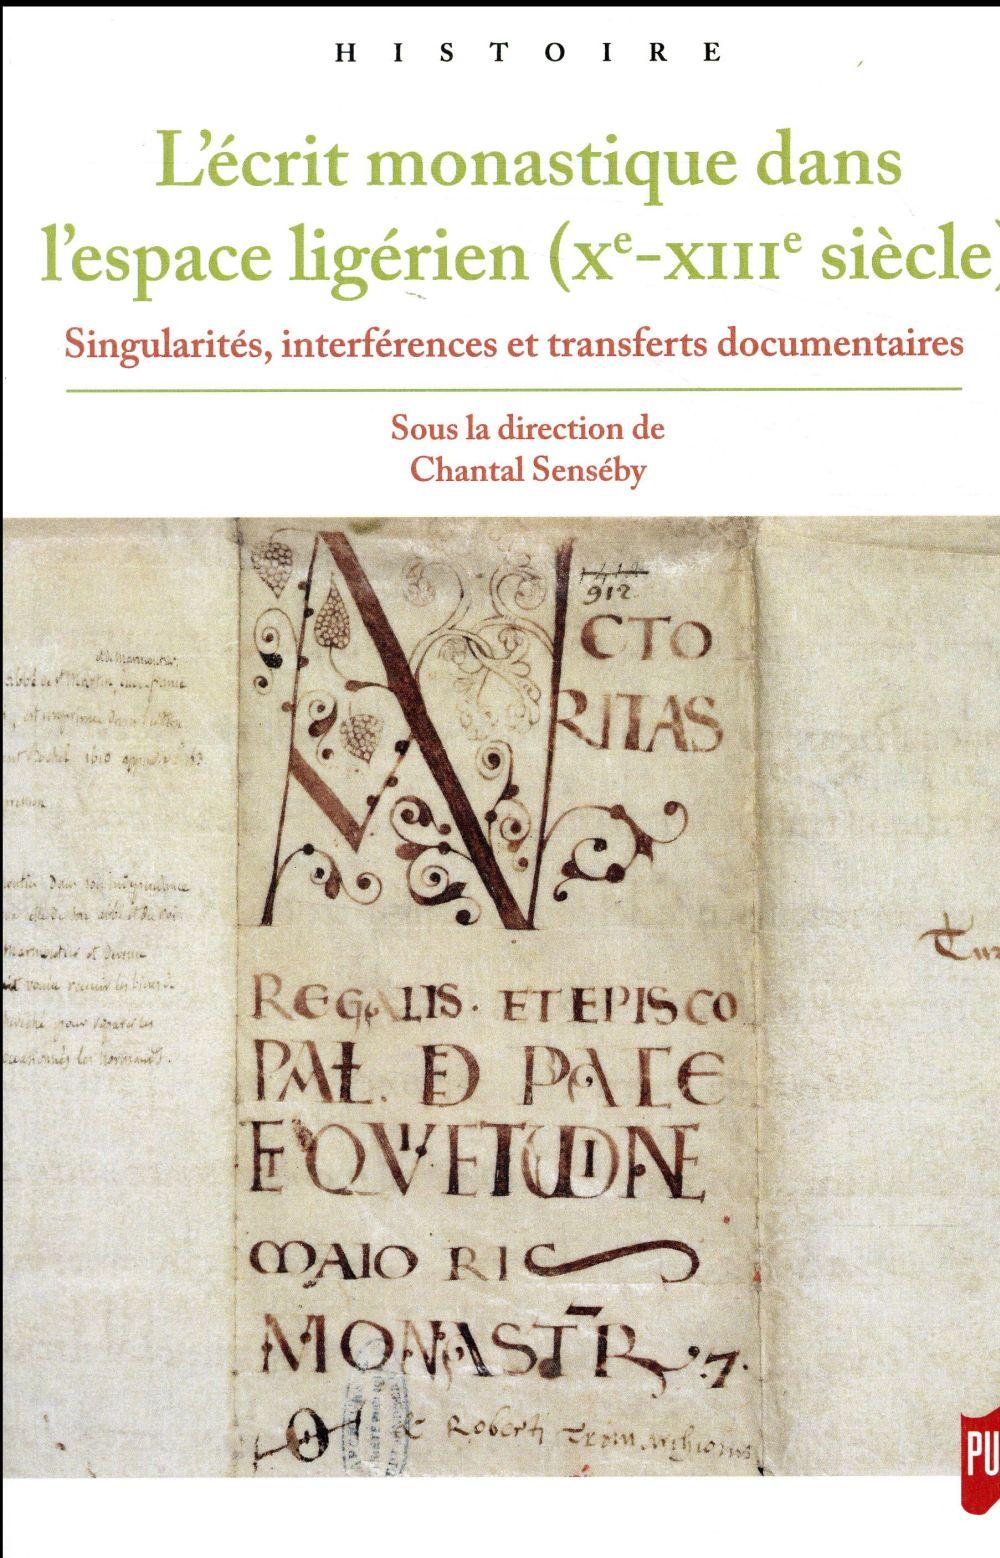 L'écrit monastique dans l'espace ligérien (Xe-XIIIe siècle)